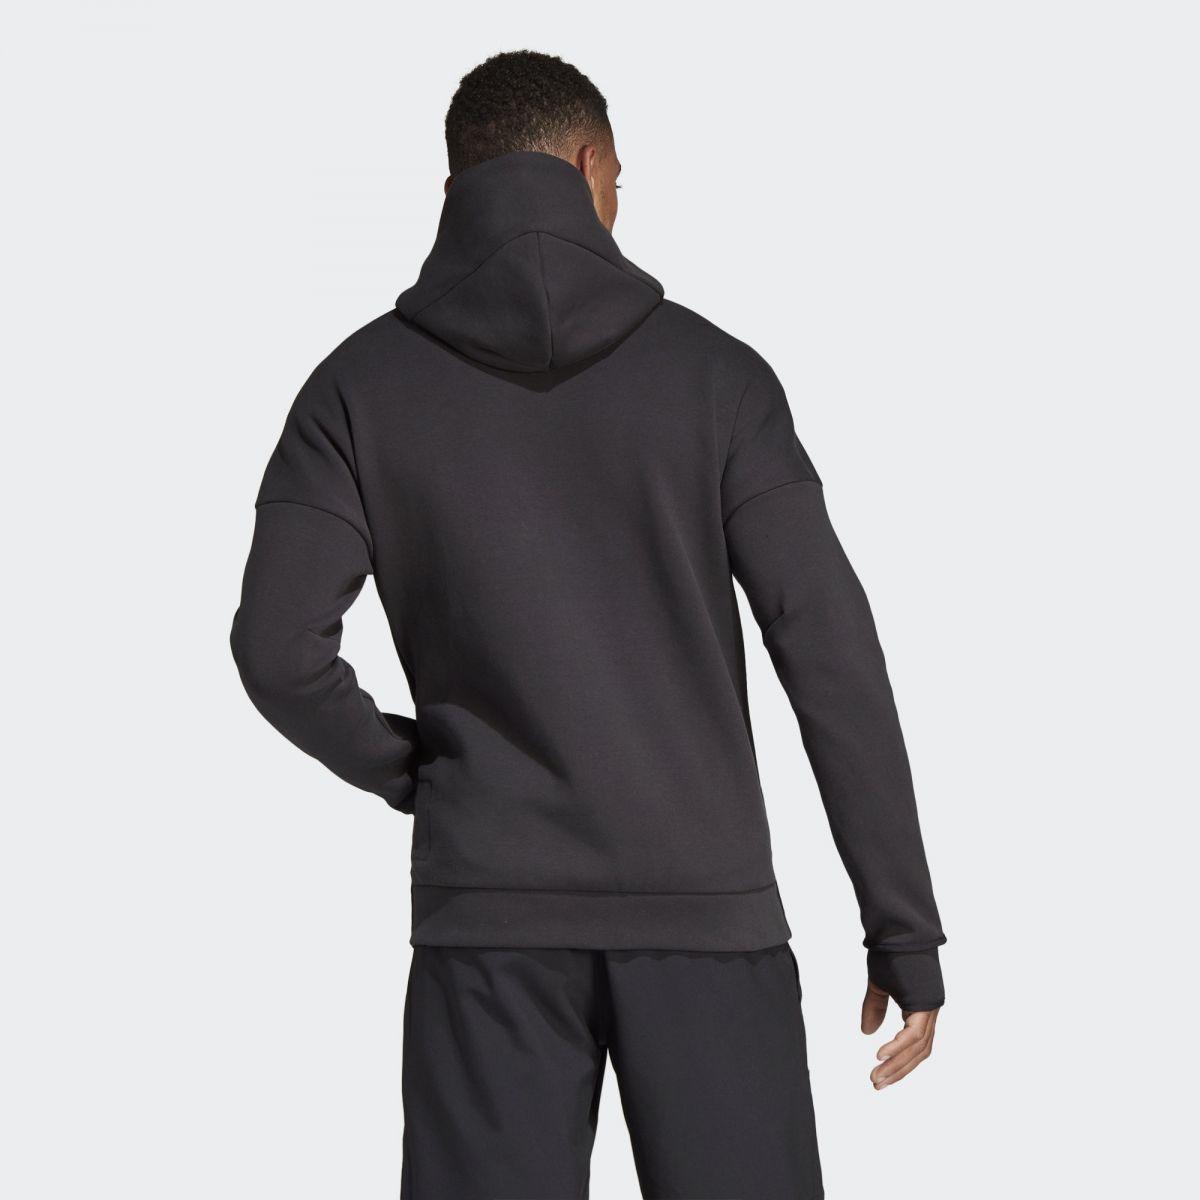 eHoodie Z Type Hoodies Adidas 2 n dCxBero